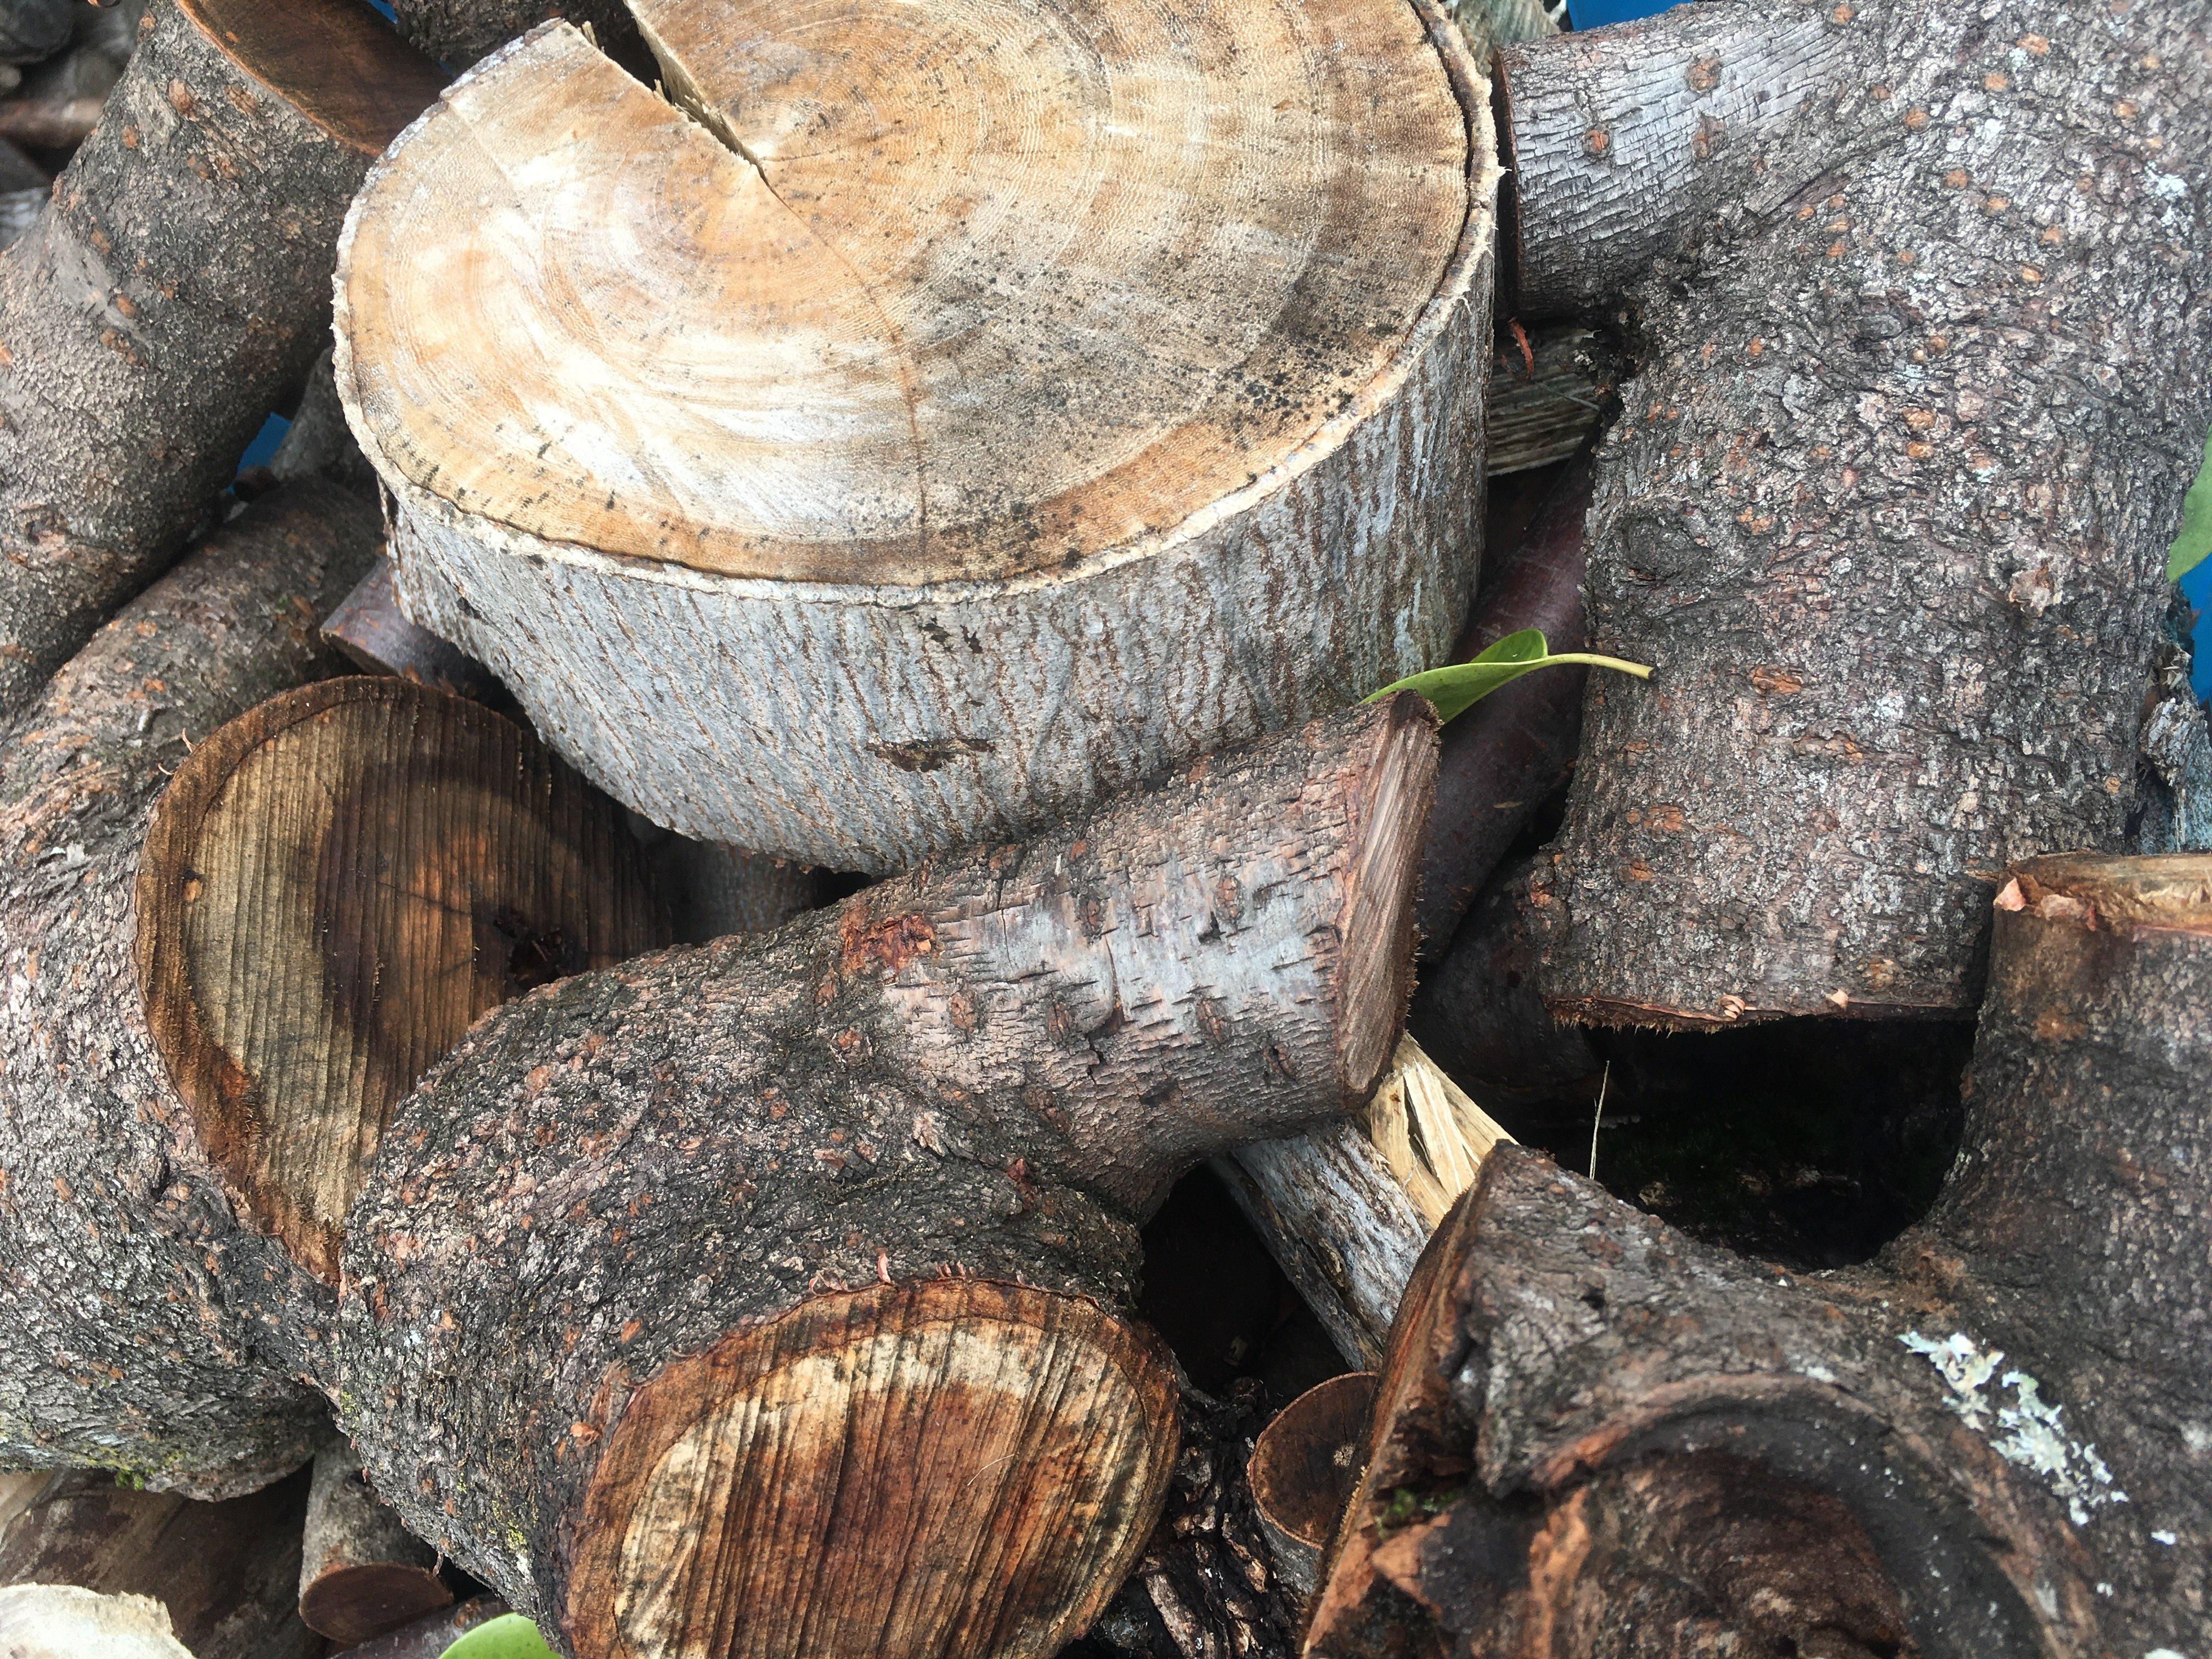 薪屋きすけ 薪(規格外木材自然なり)薪づくり作業体験 ご相談・お見積もりのイメージその5